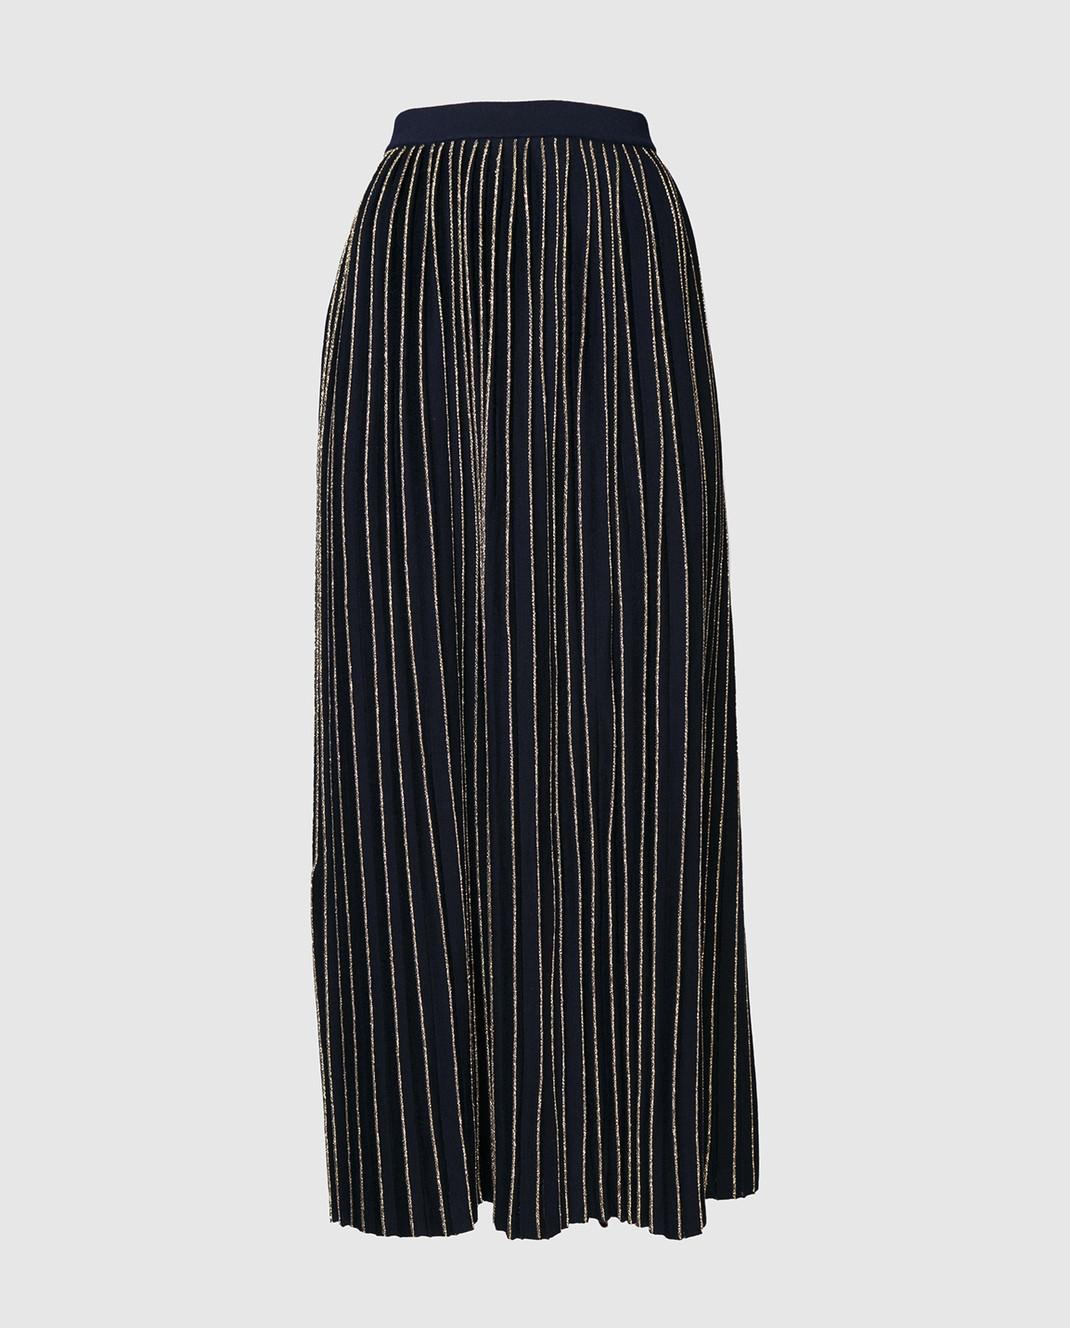 Gucci Синяя юбка-плиссе 490353 изображение 2